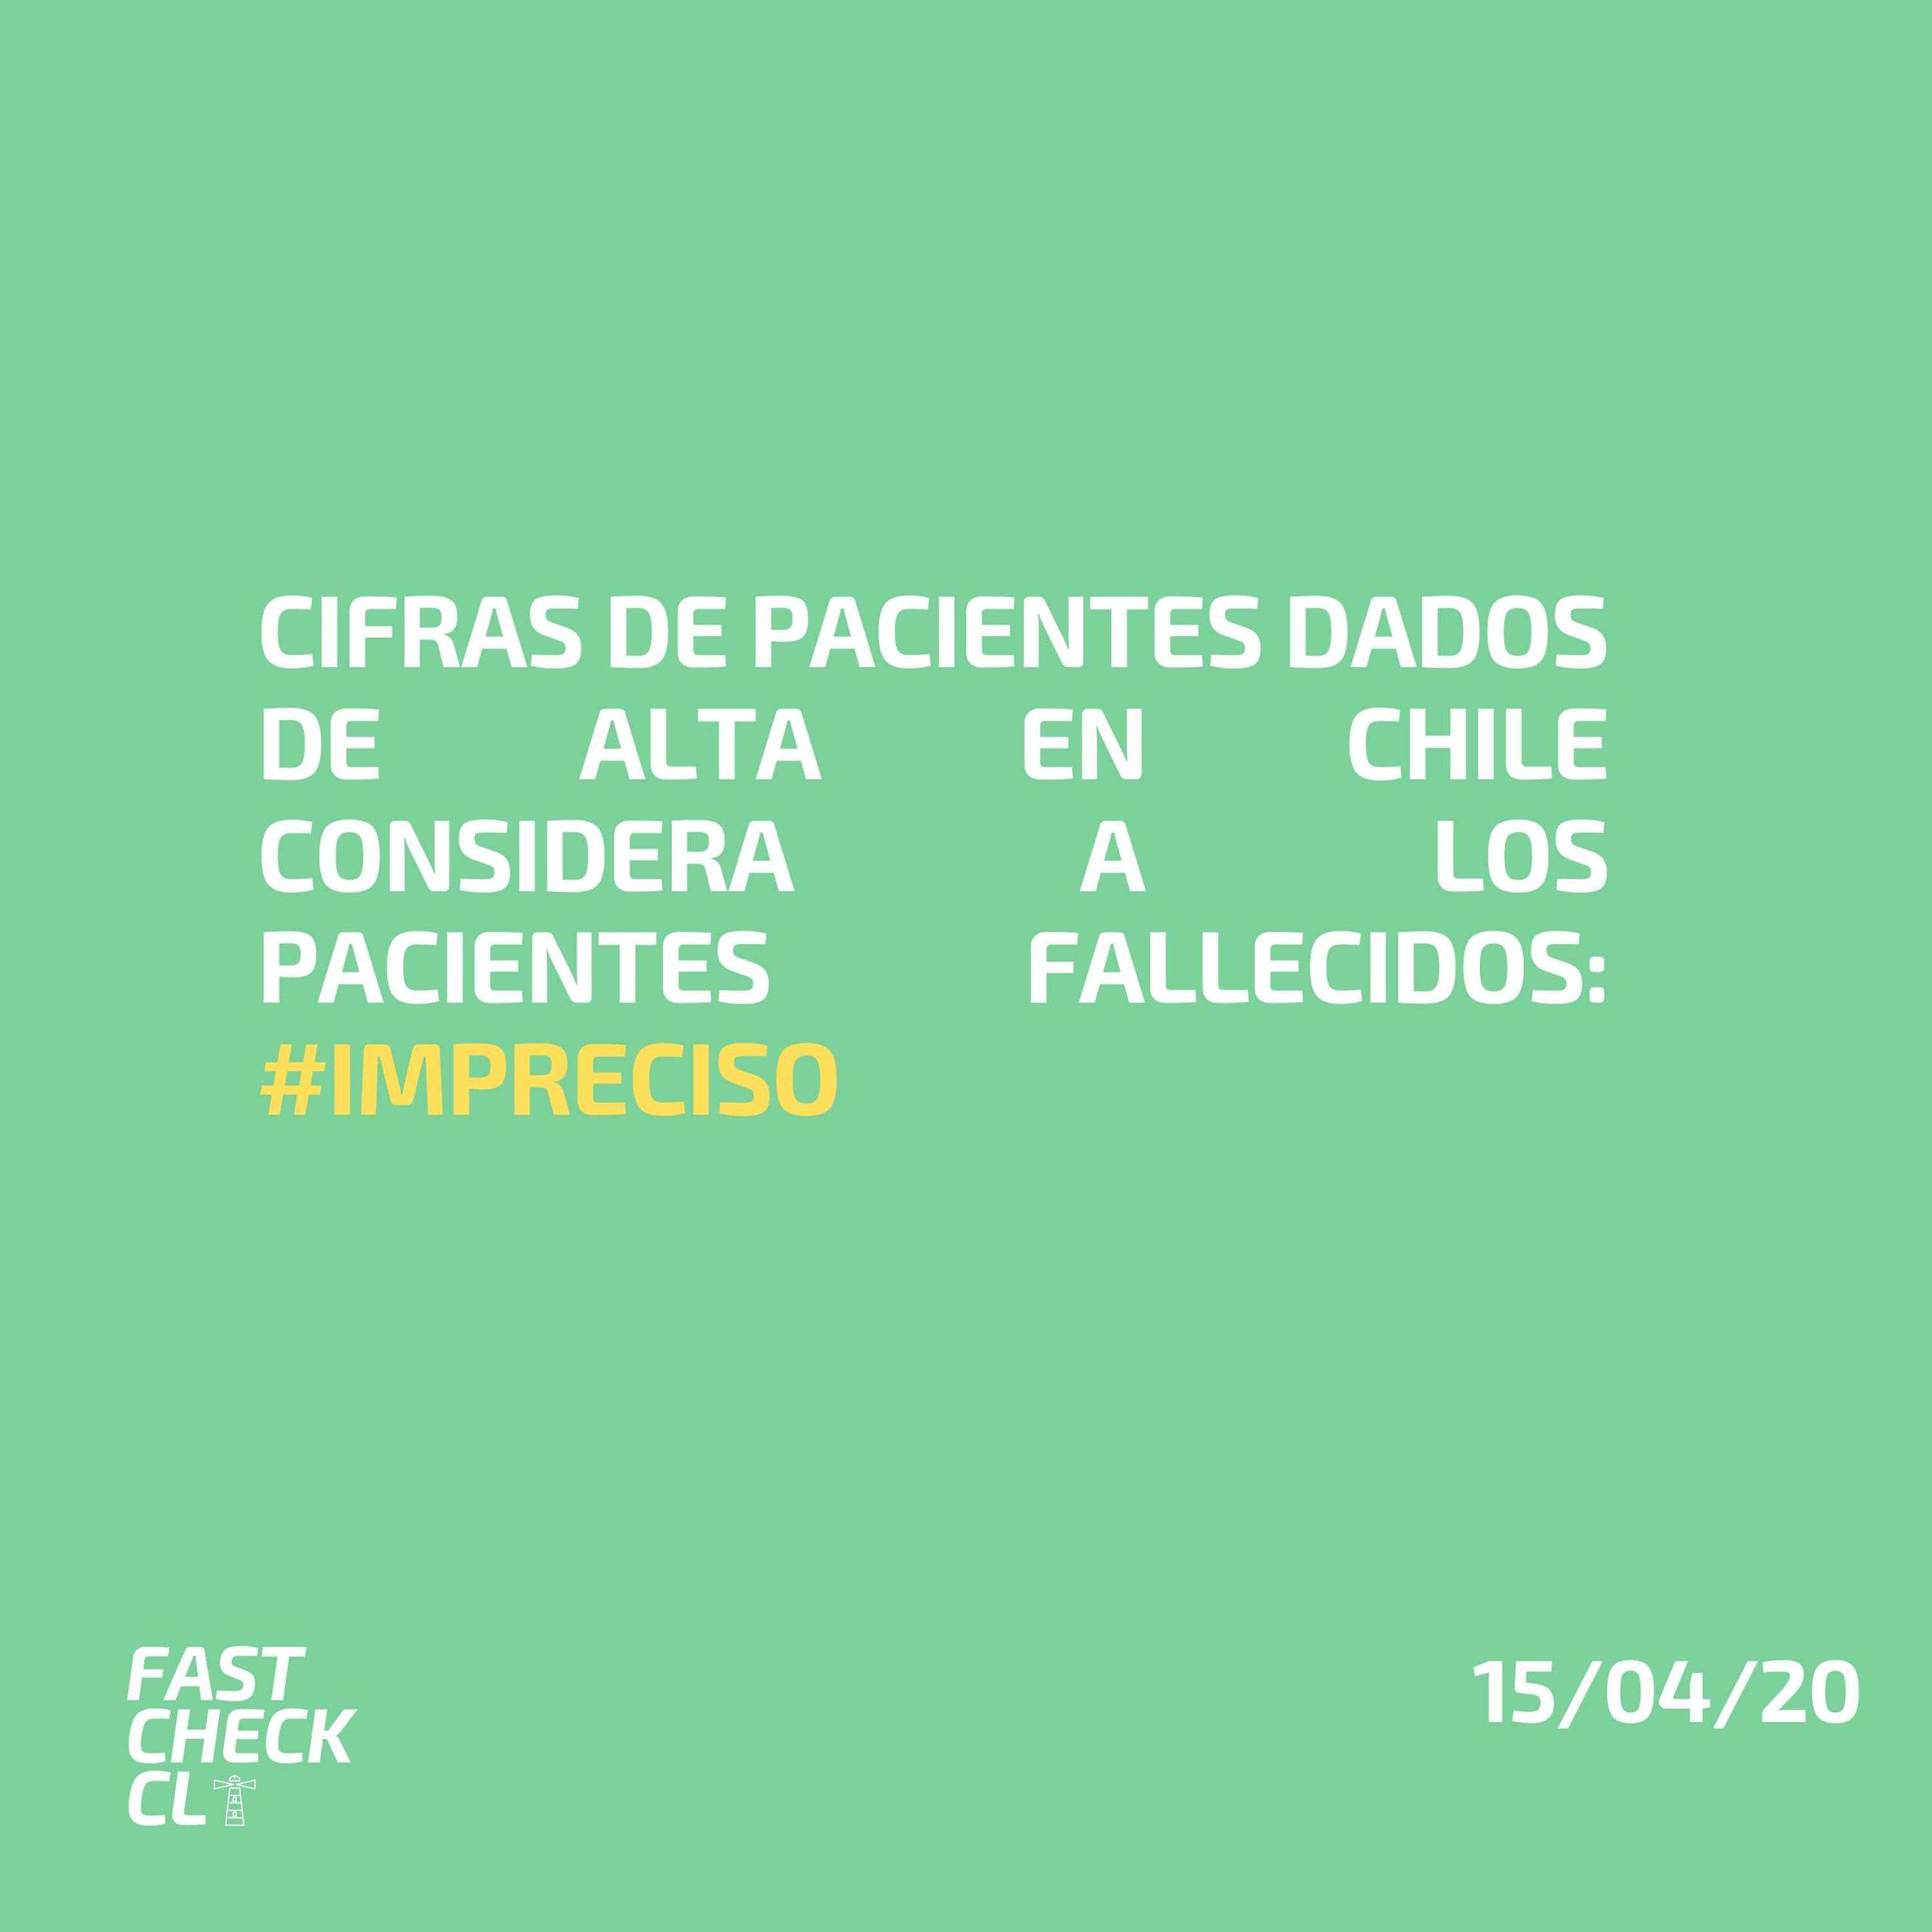 Cifras de pacientes dados de alta en Chile considera a los pacientes fallecidos: #Impreciso